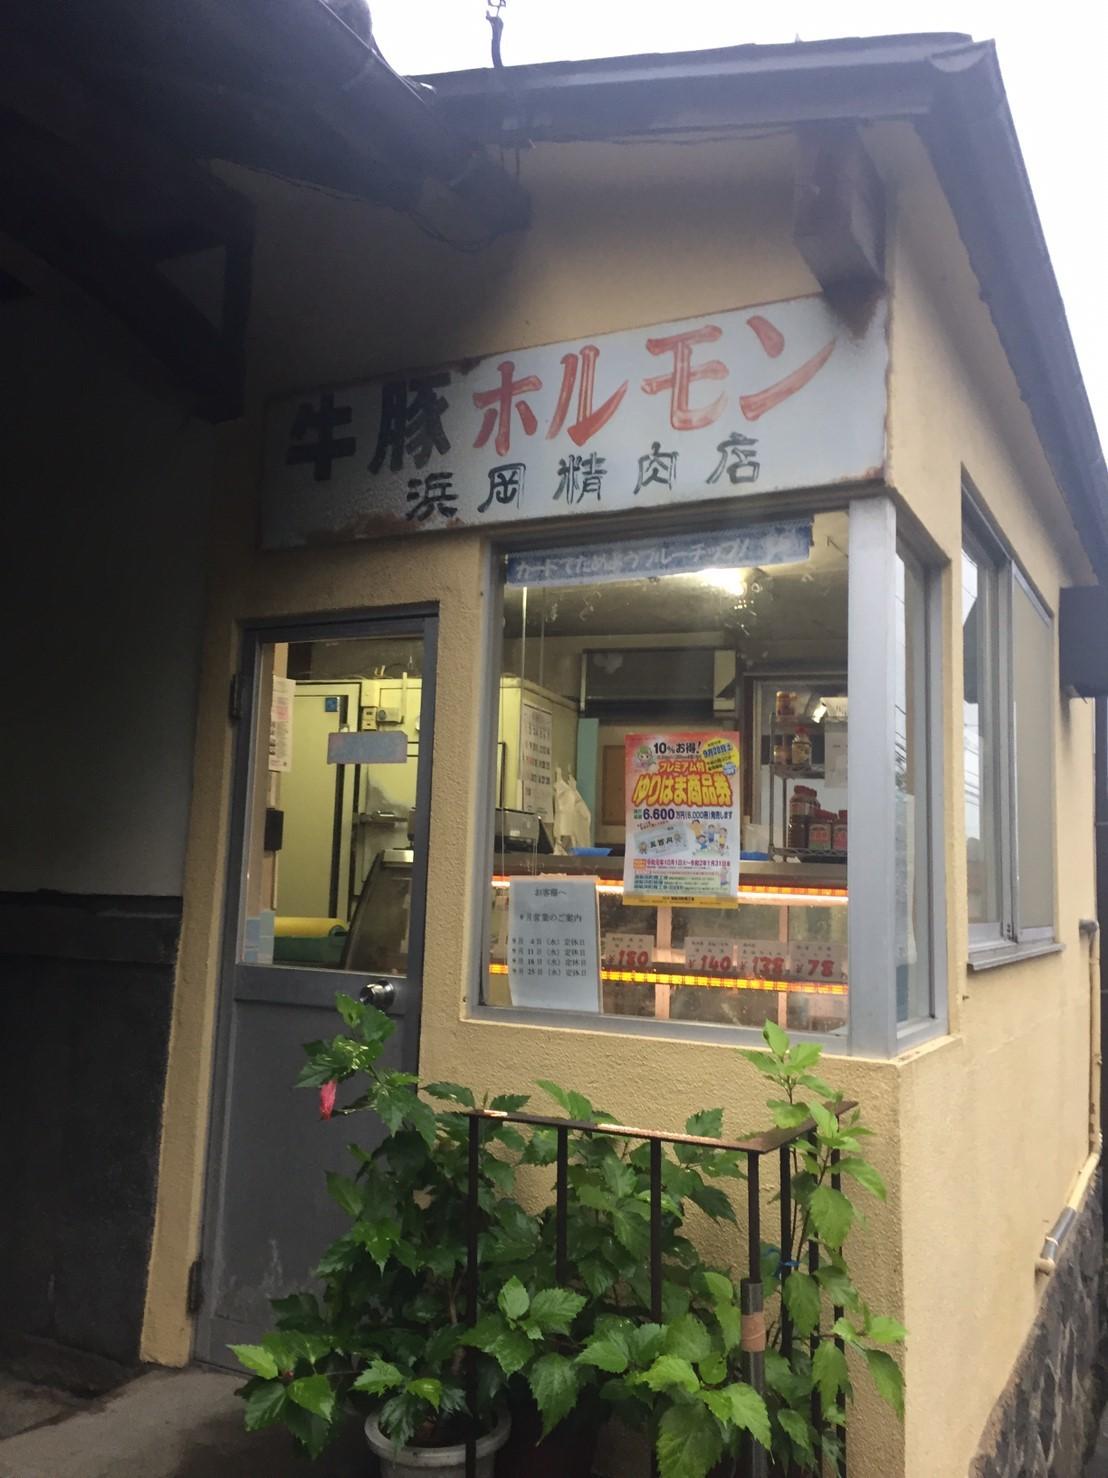 浜岡精肉店 泊の牛豚ホルモン_e0115904_01305753.jpg